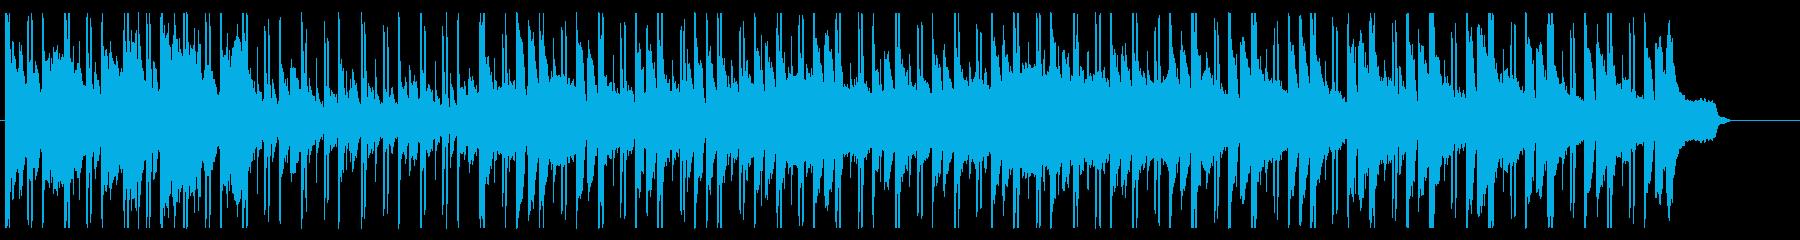 幻想的でスタイリッシュなピアノ曲の再生済みの波形